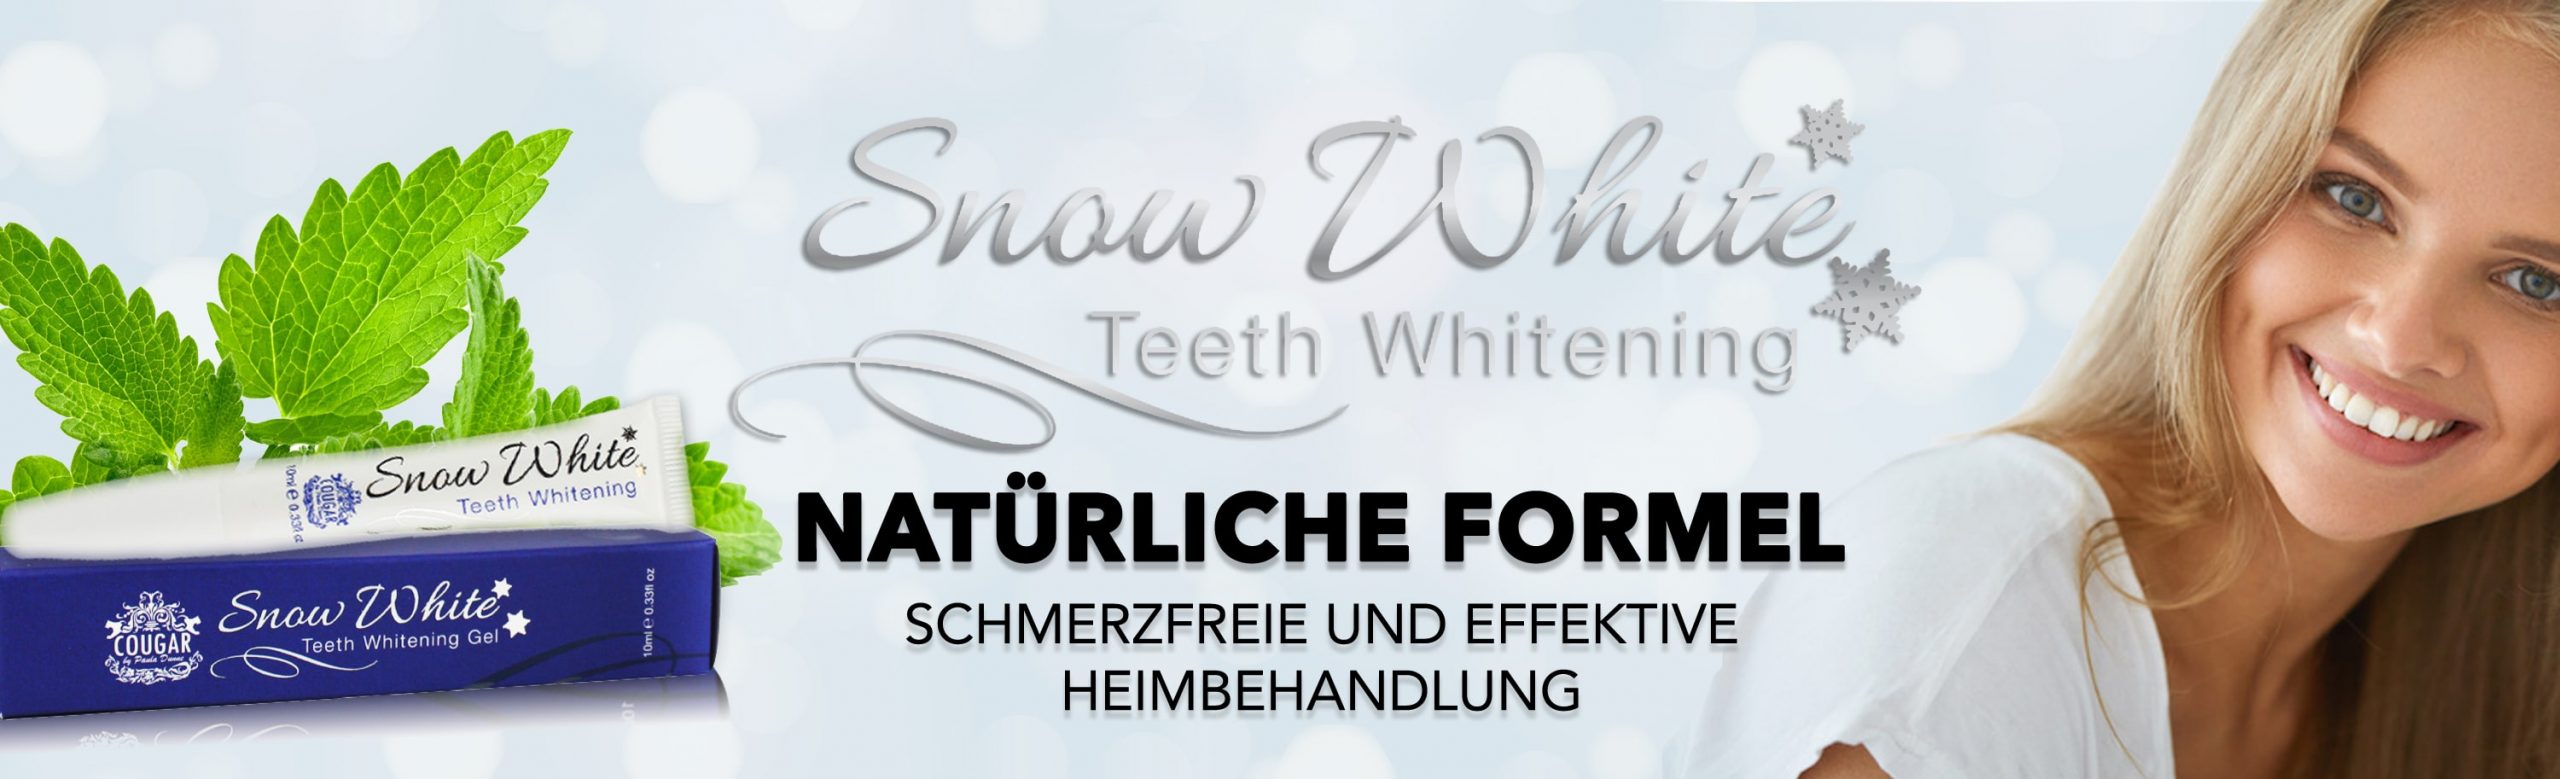 Natürliche Zahnaufhellungssets, die hervorragende Ergebnisse liefern.